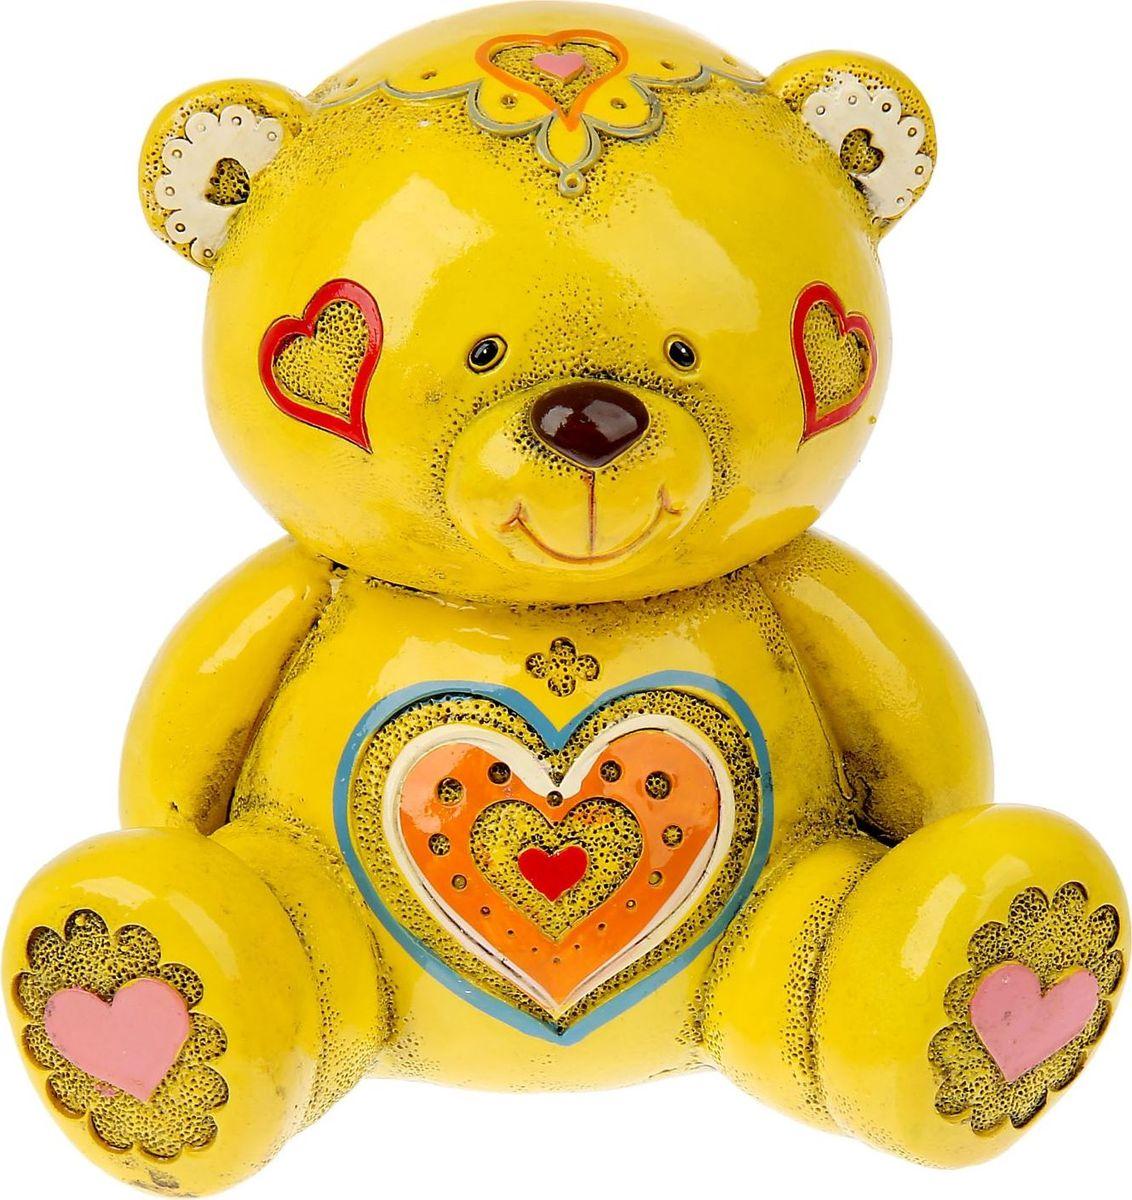 Копилка Мишка узорный желтый, 9,5 х 12,5 х 11 см865506Копилка Мишка узорный желтый станет подходящим подарком на 14 февраля, годовщину или значимую для вас дату. Копилка Мишка узорный жёлтый будет бережно хранить каждую монетку, которая попадет в ее хранилище.Копилка является многоразовой, что позволит вам воспользоваться накопленными деньгами в любой момент.